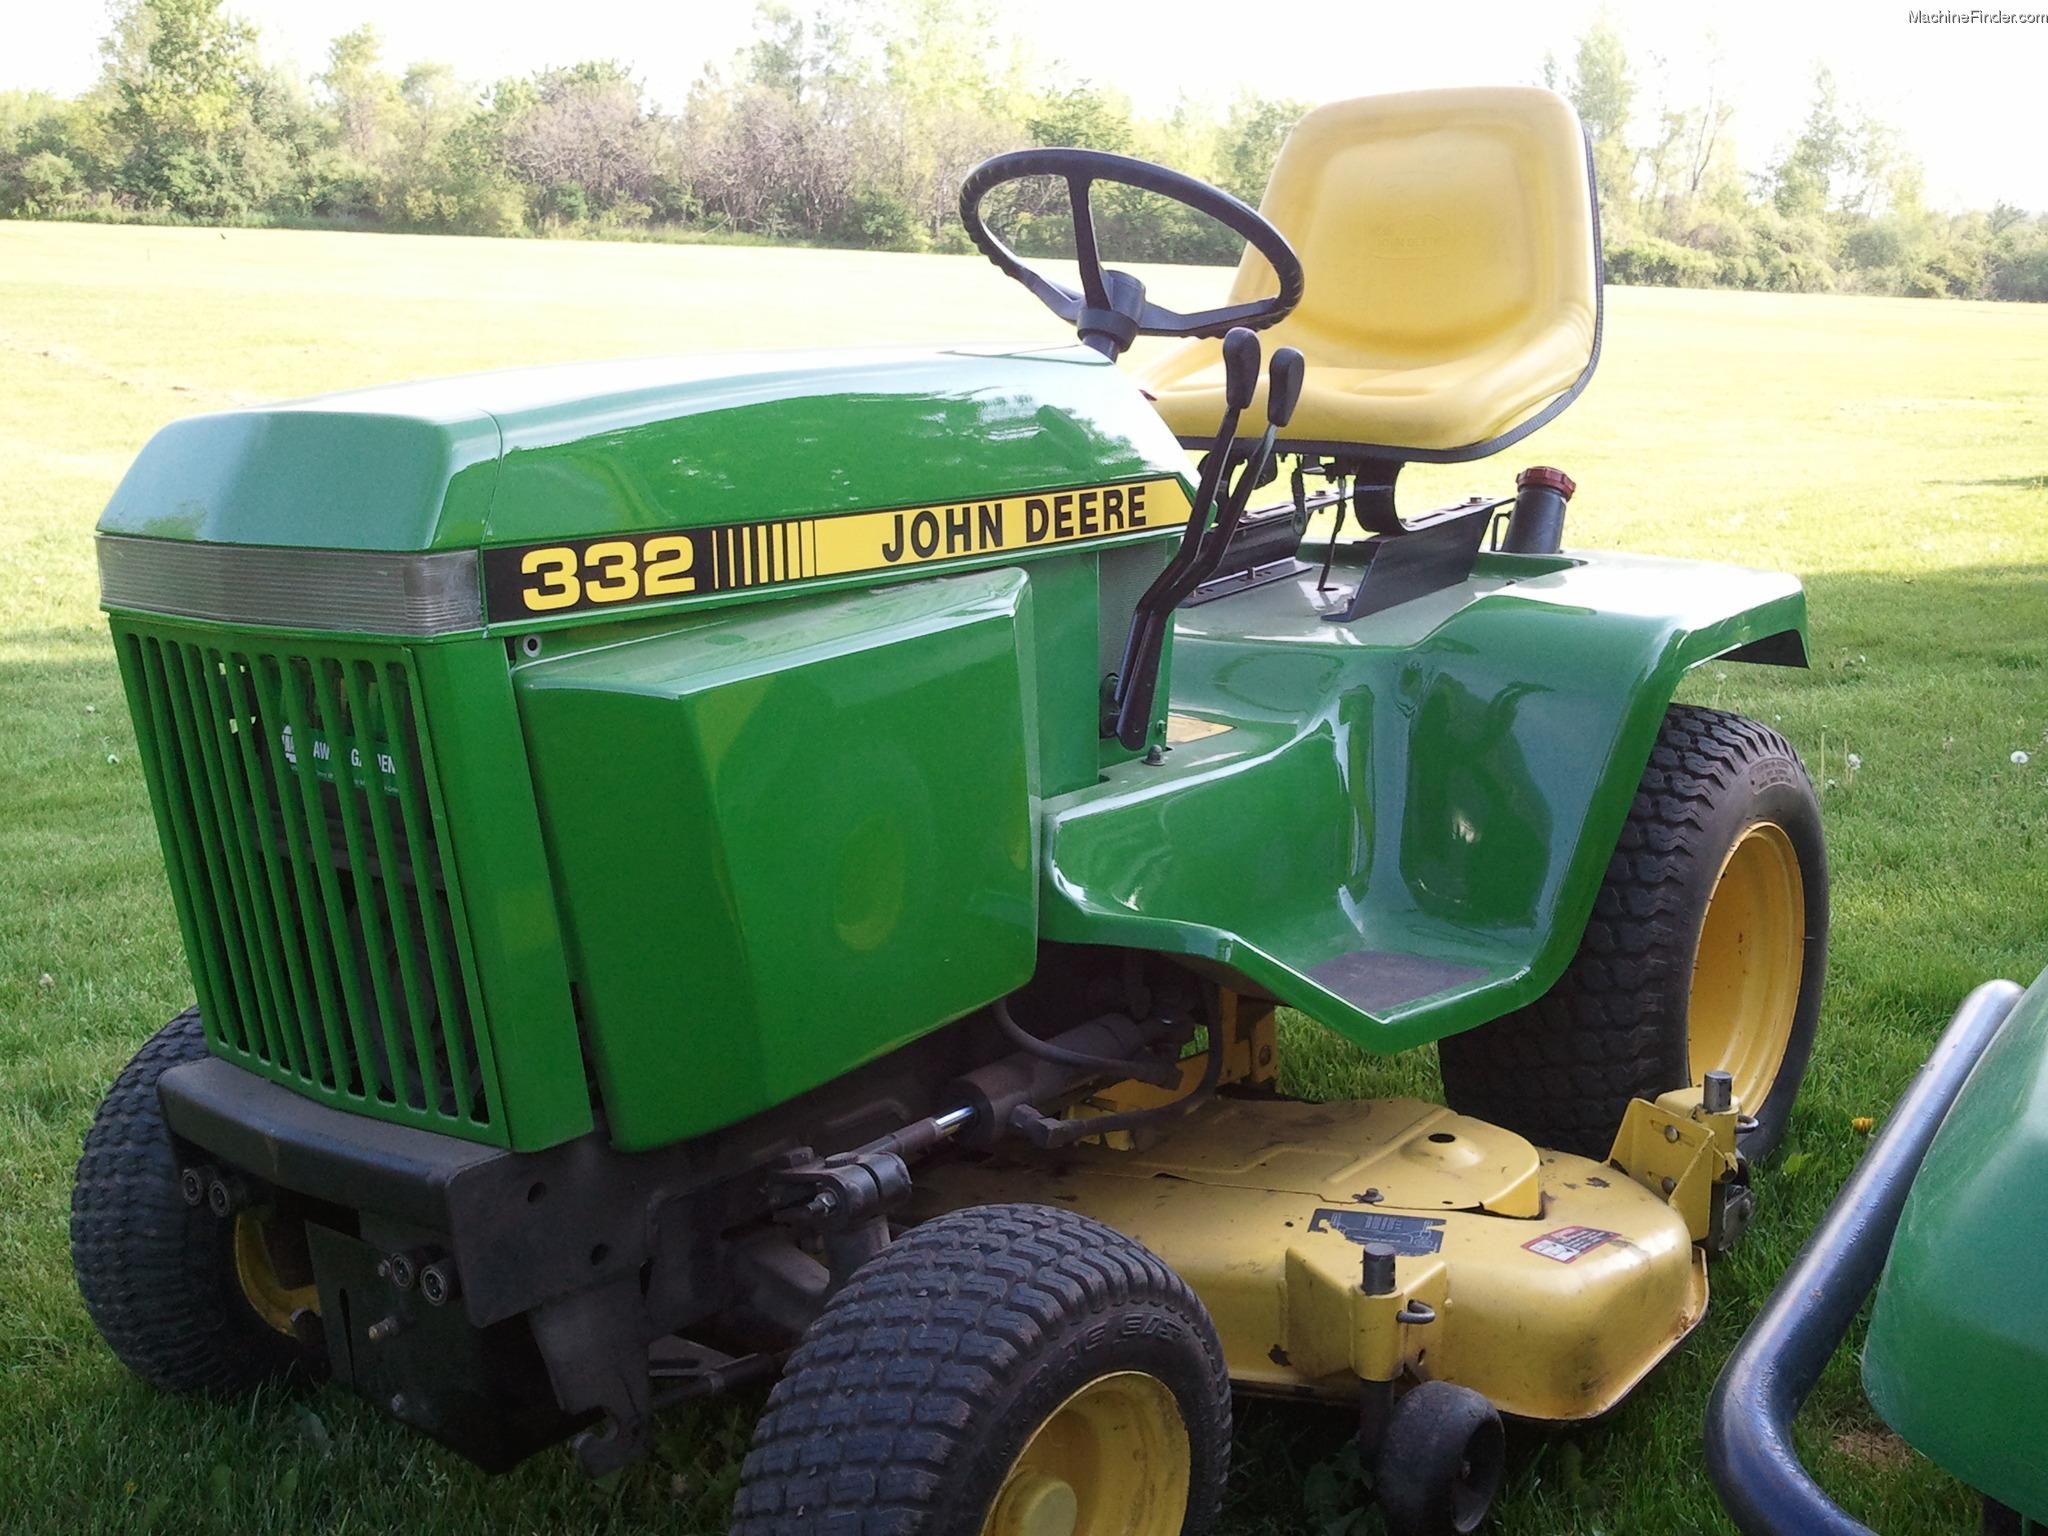 john deere 332 garden tractor john deere 300 series garden